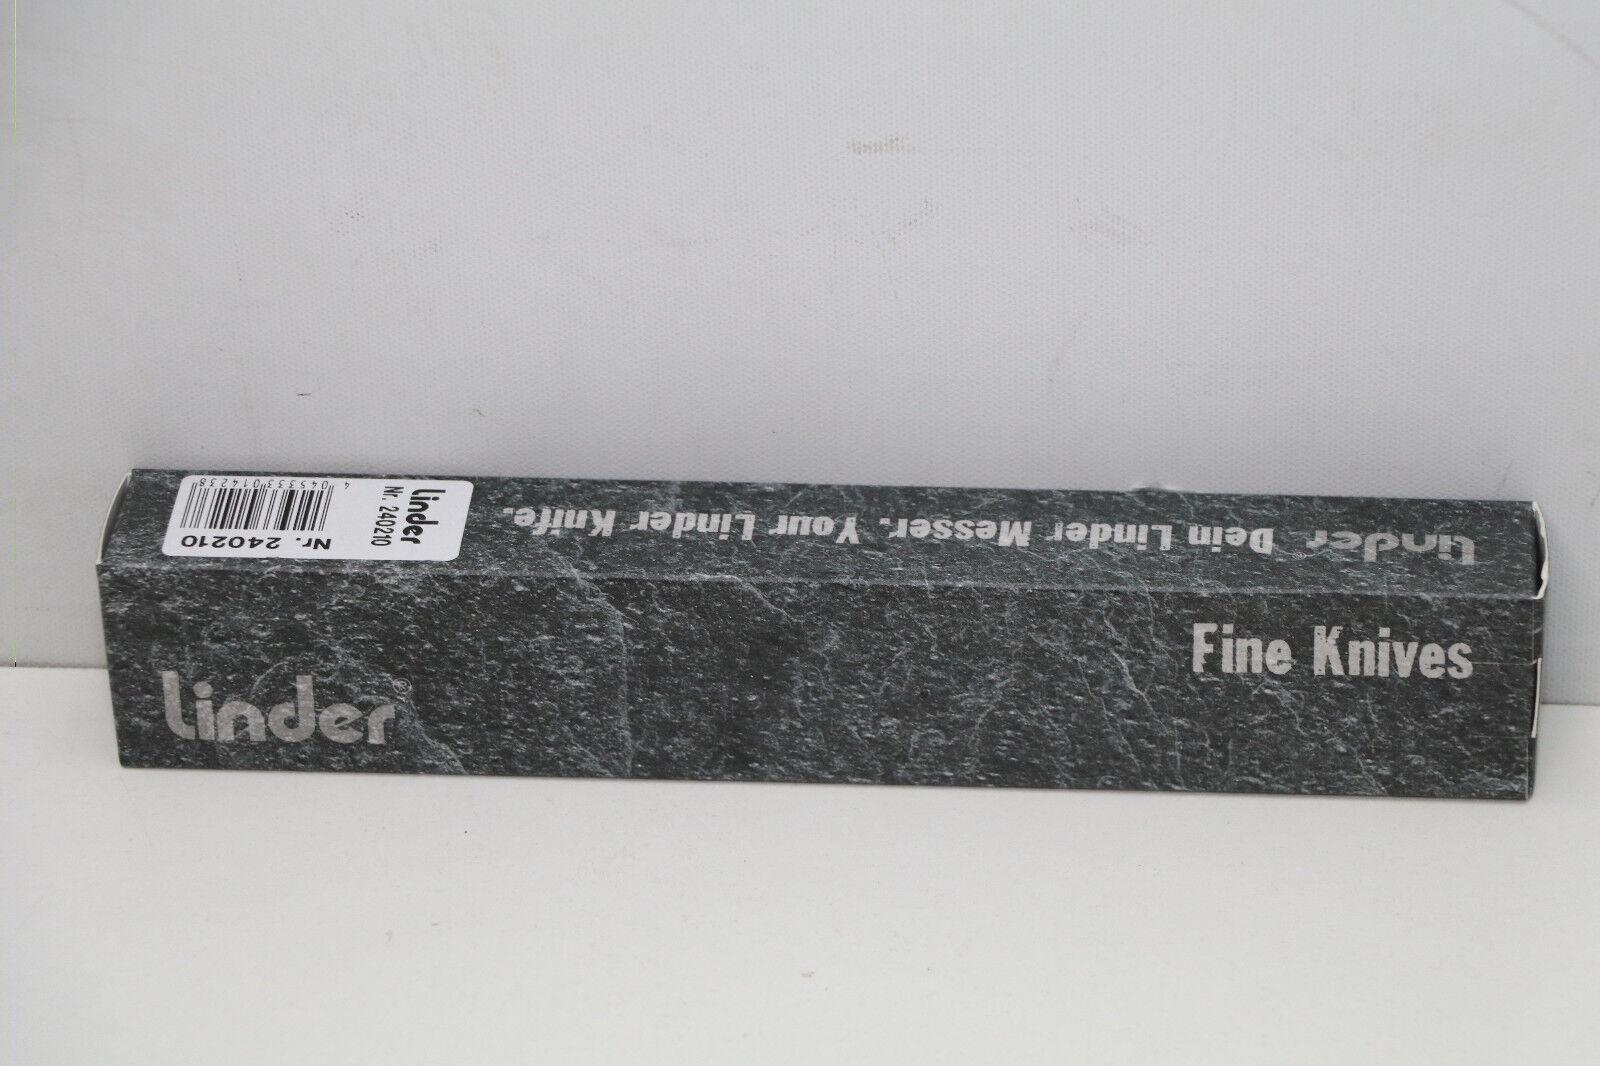 Linder Trachtenmesser Eichenlaub Outdoormesser Outdoormesser Outdoormesser Jagdmesser Dekomesser (630) cb4ed3